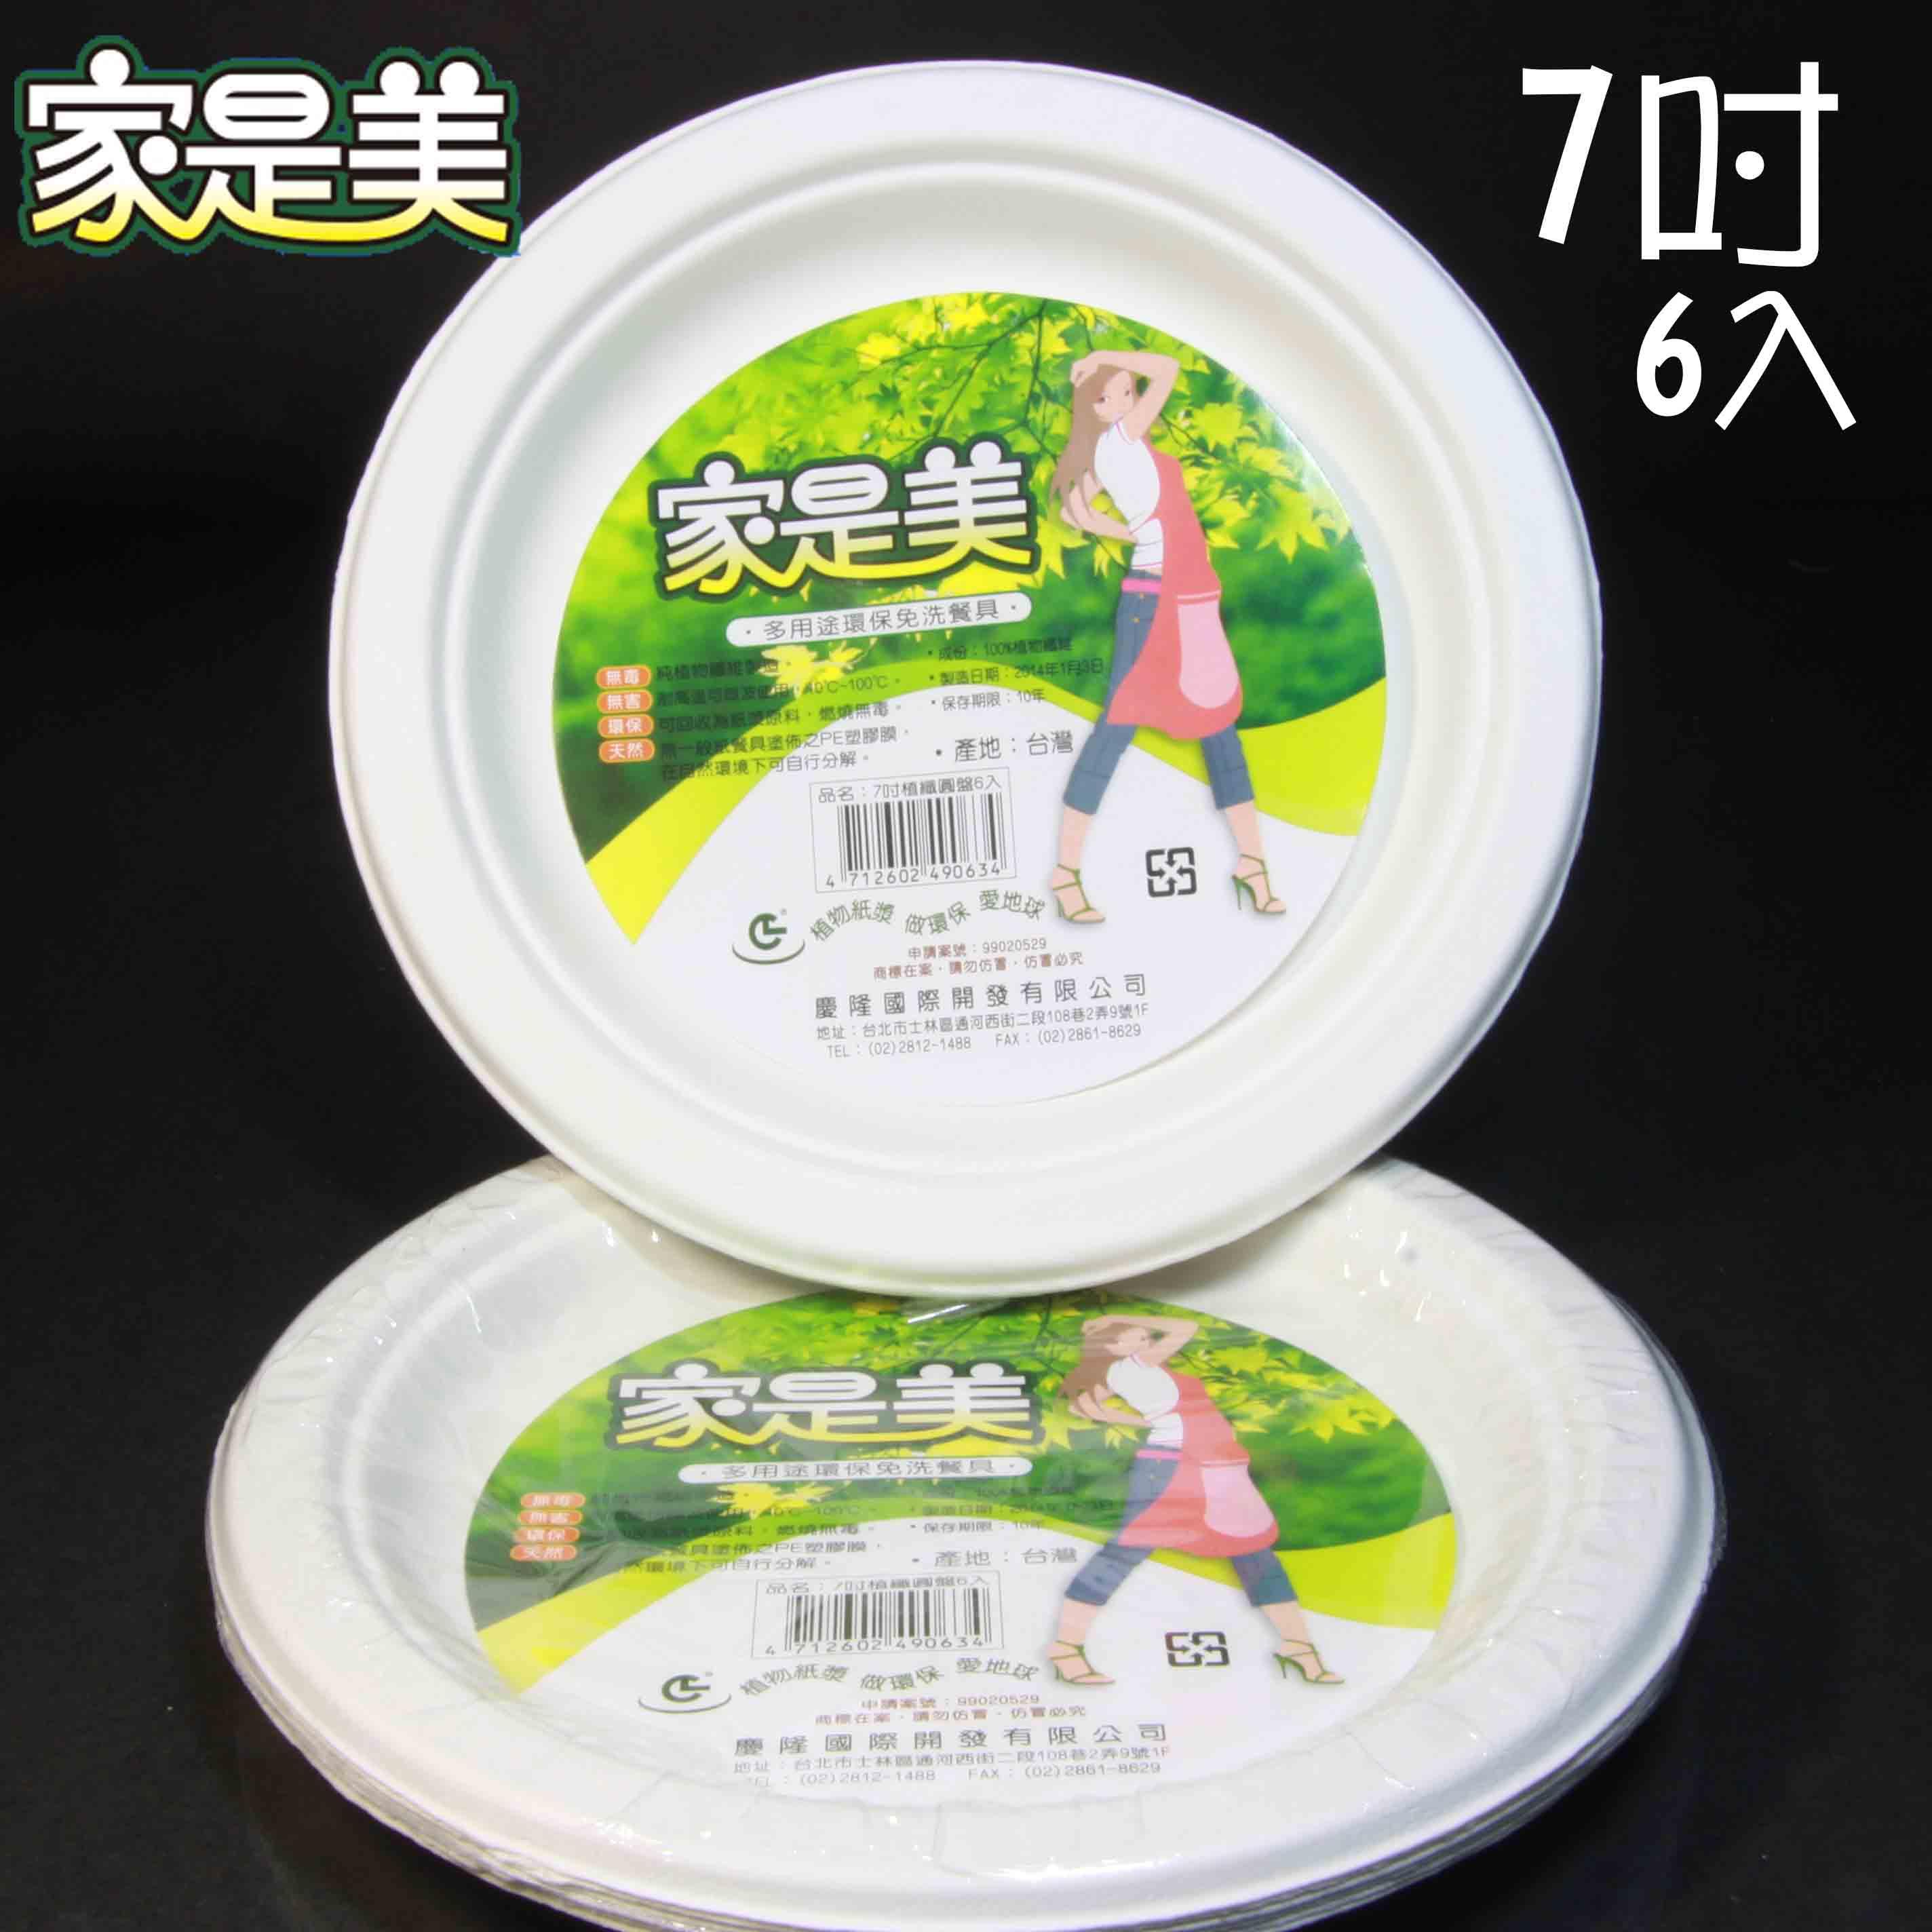 家是美環保圓紙盤(7吋)6入 環保餐具/免洗餐具/免洗碗盤杯